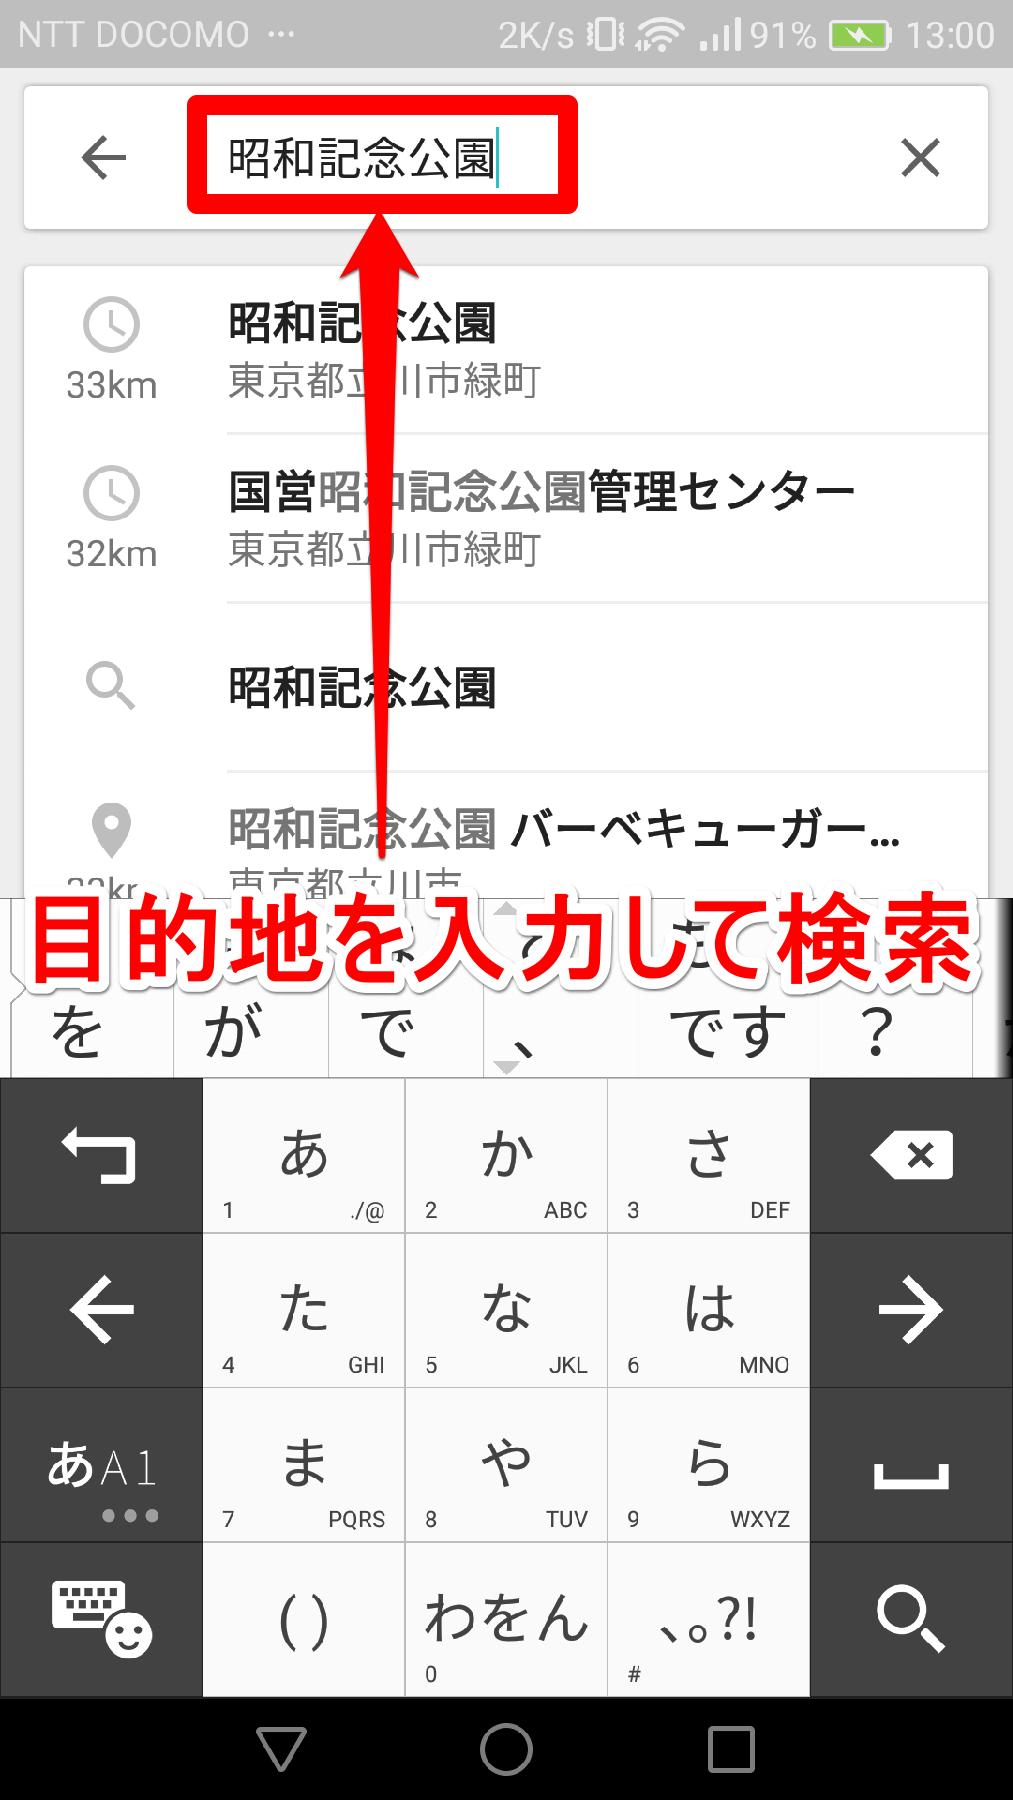 アンドロイド版[グーグルマップ]アプリの検索画面